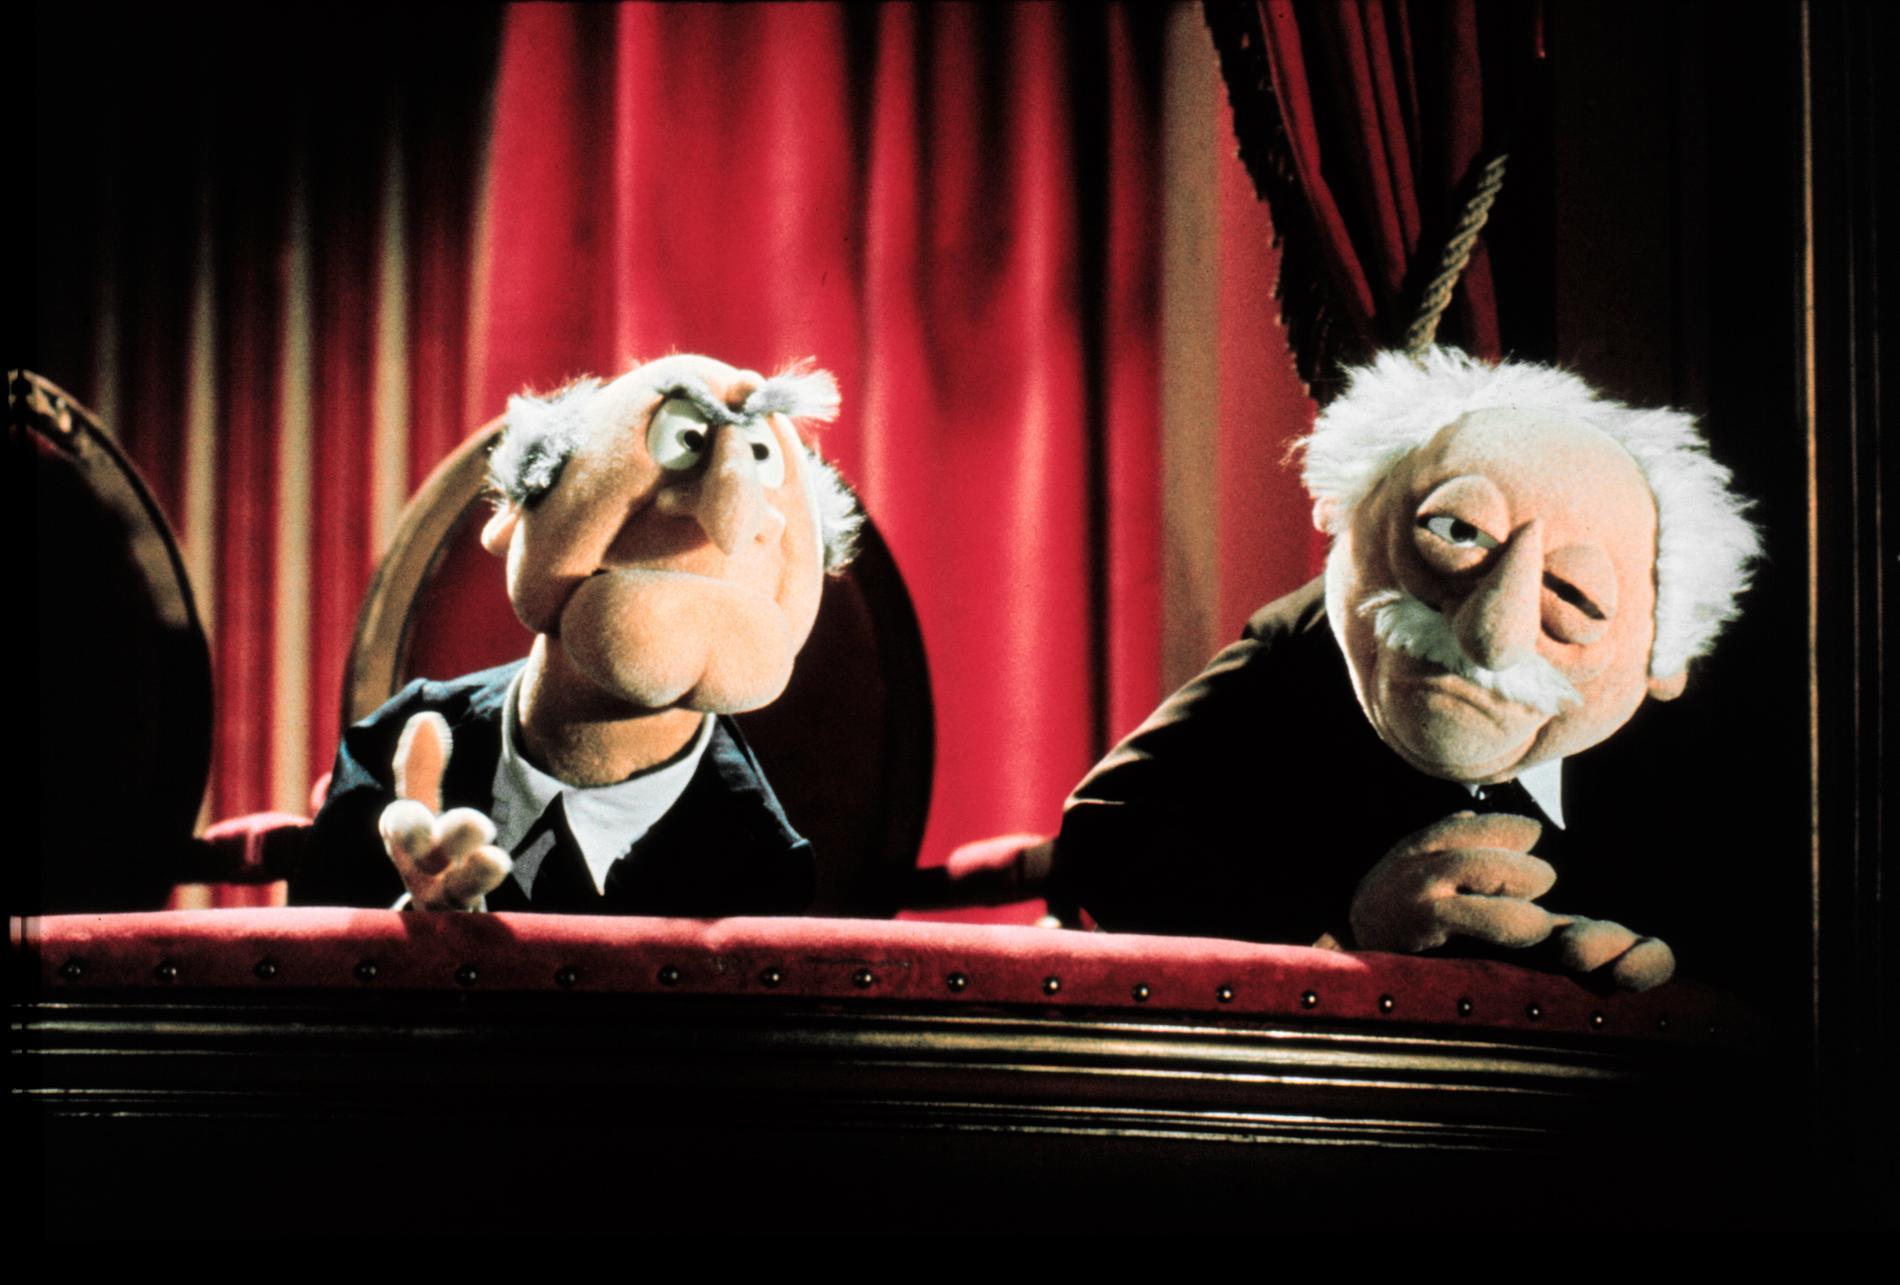 De kända mupparna Statler och Waldorf